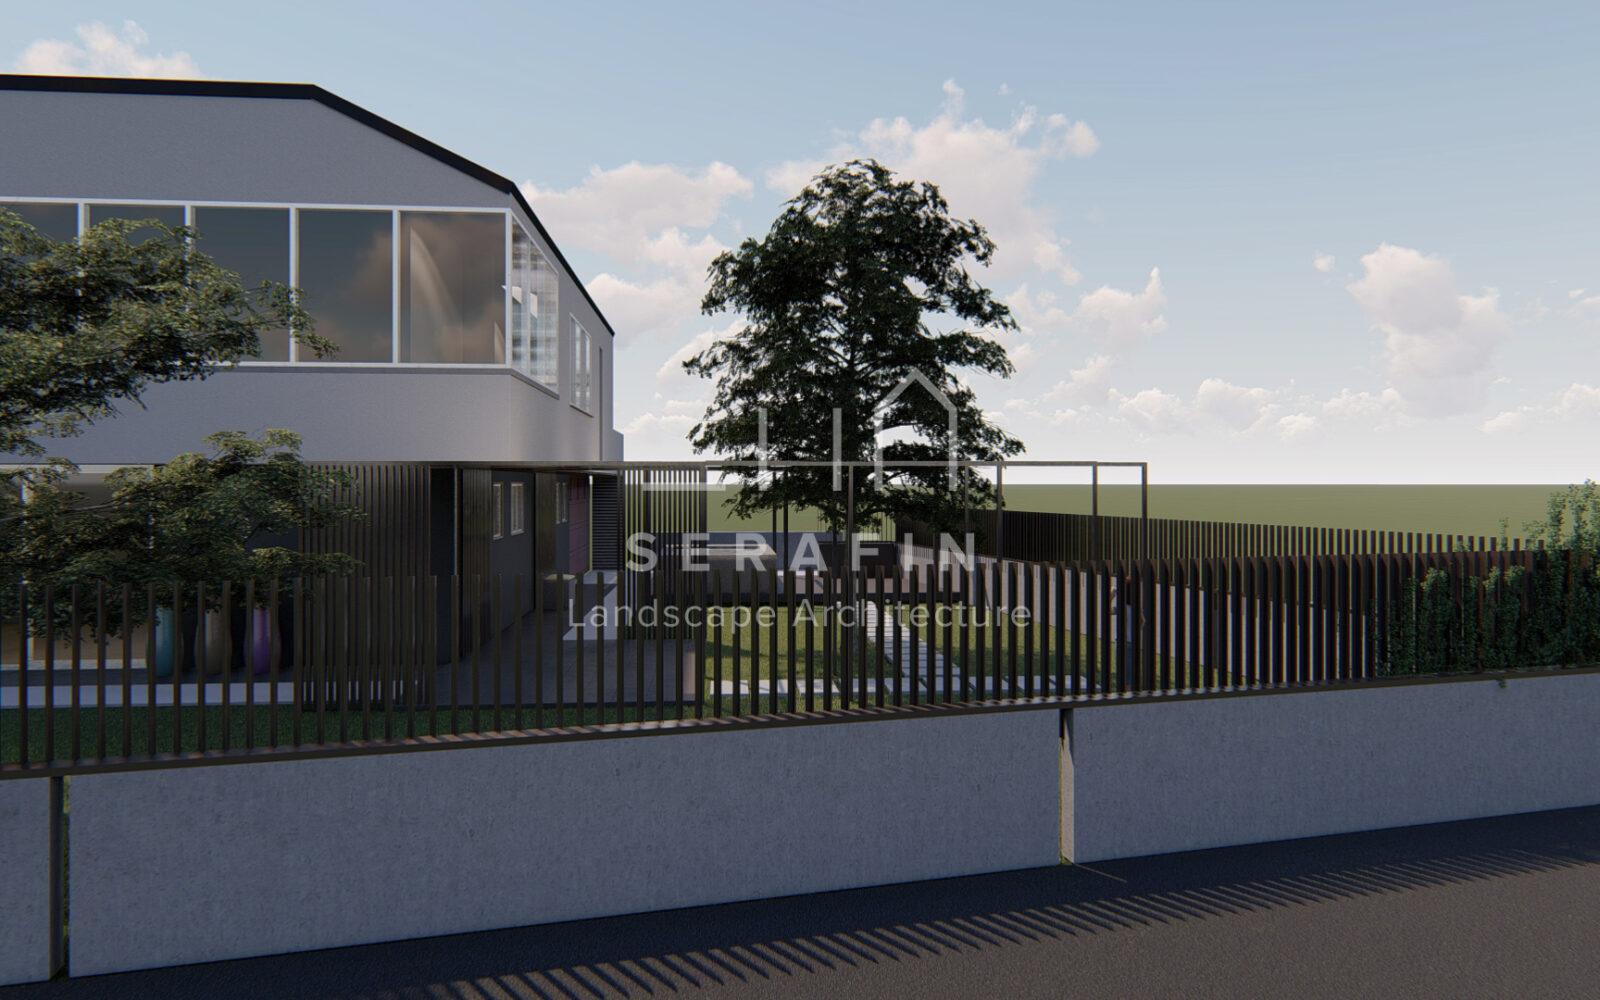 progettazione di un giardino privato a Sacile - 3